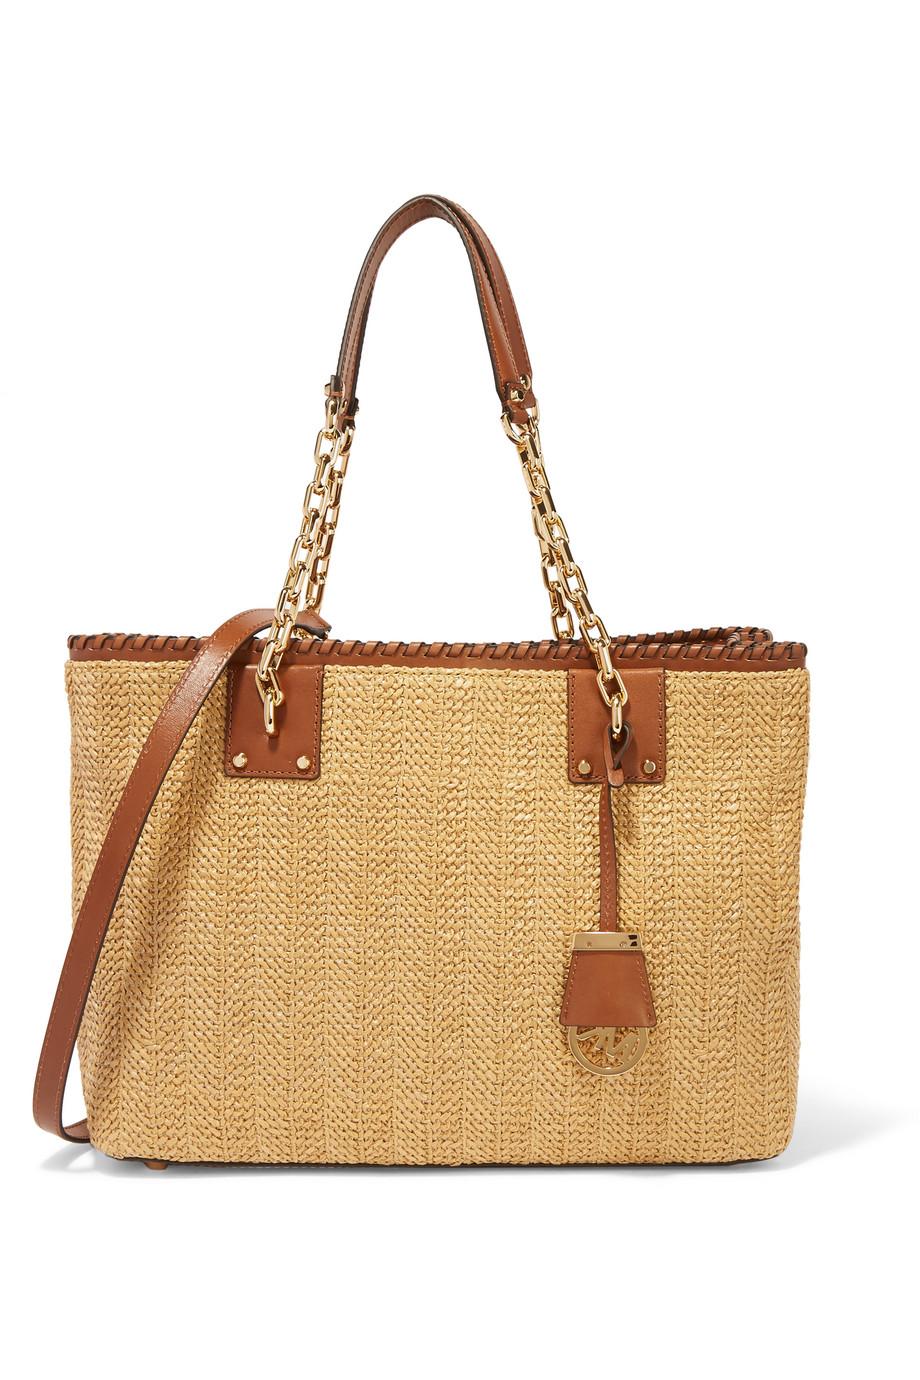 Rosalie Large Leather-Trimmed Raffia Shoulder Bag, Michael Michael Kors, Brown/Sand, Women's